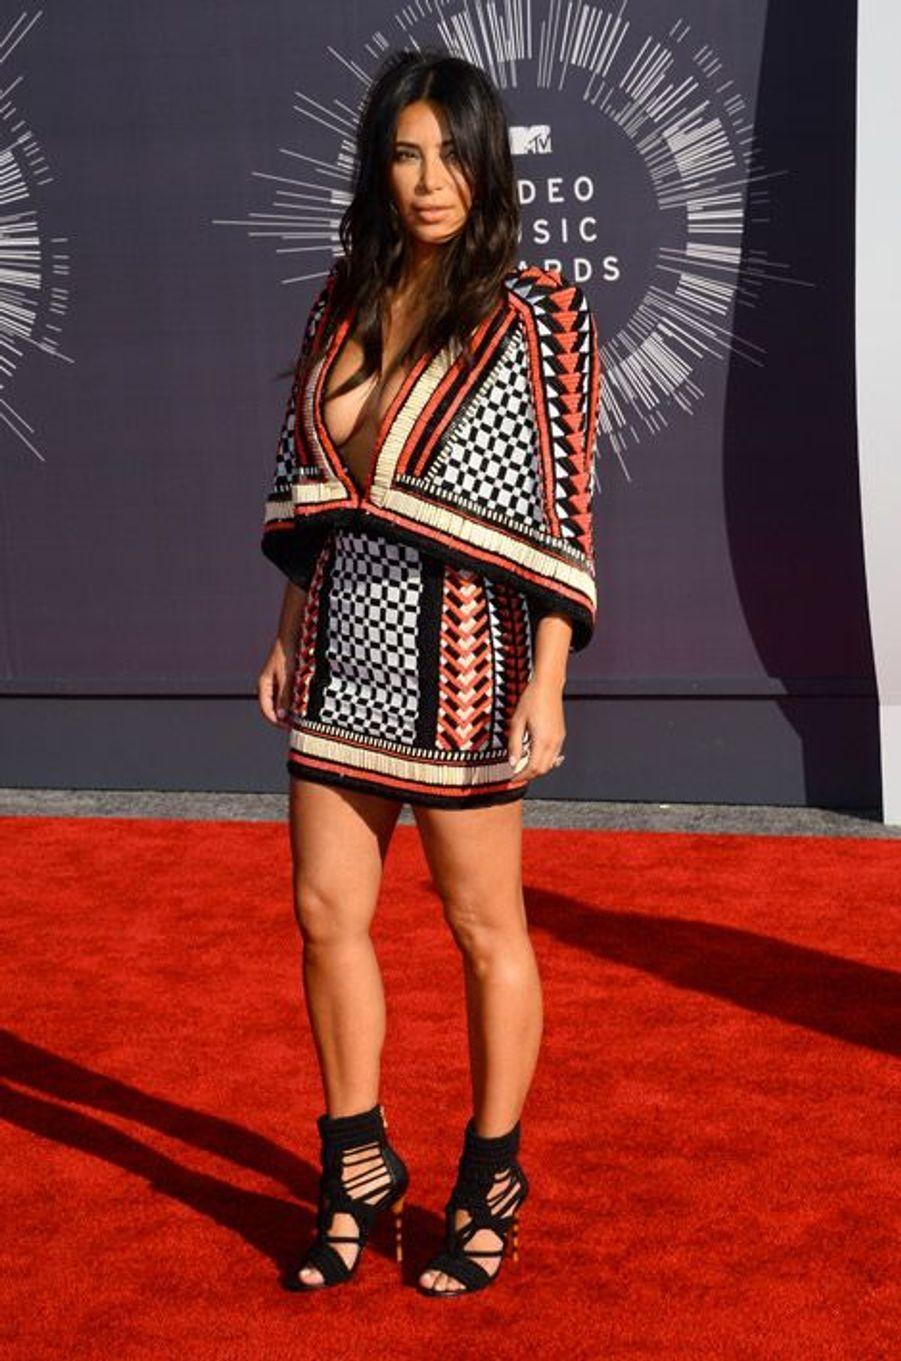 Les chaussures en corde signées Balmain de la star de la téléréalité Kim Kardashian, en Californie, le 24 août 2014